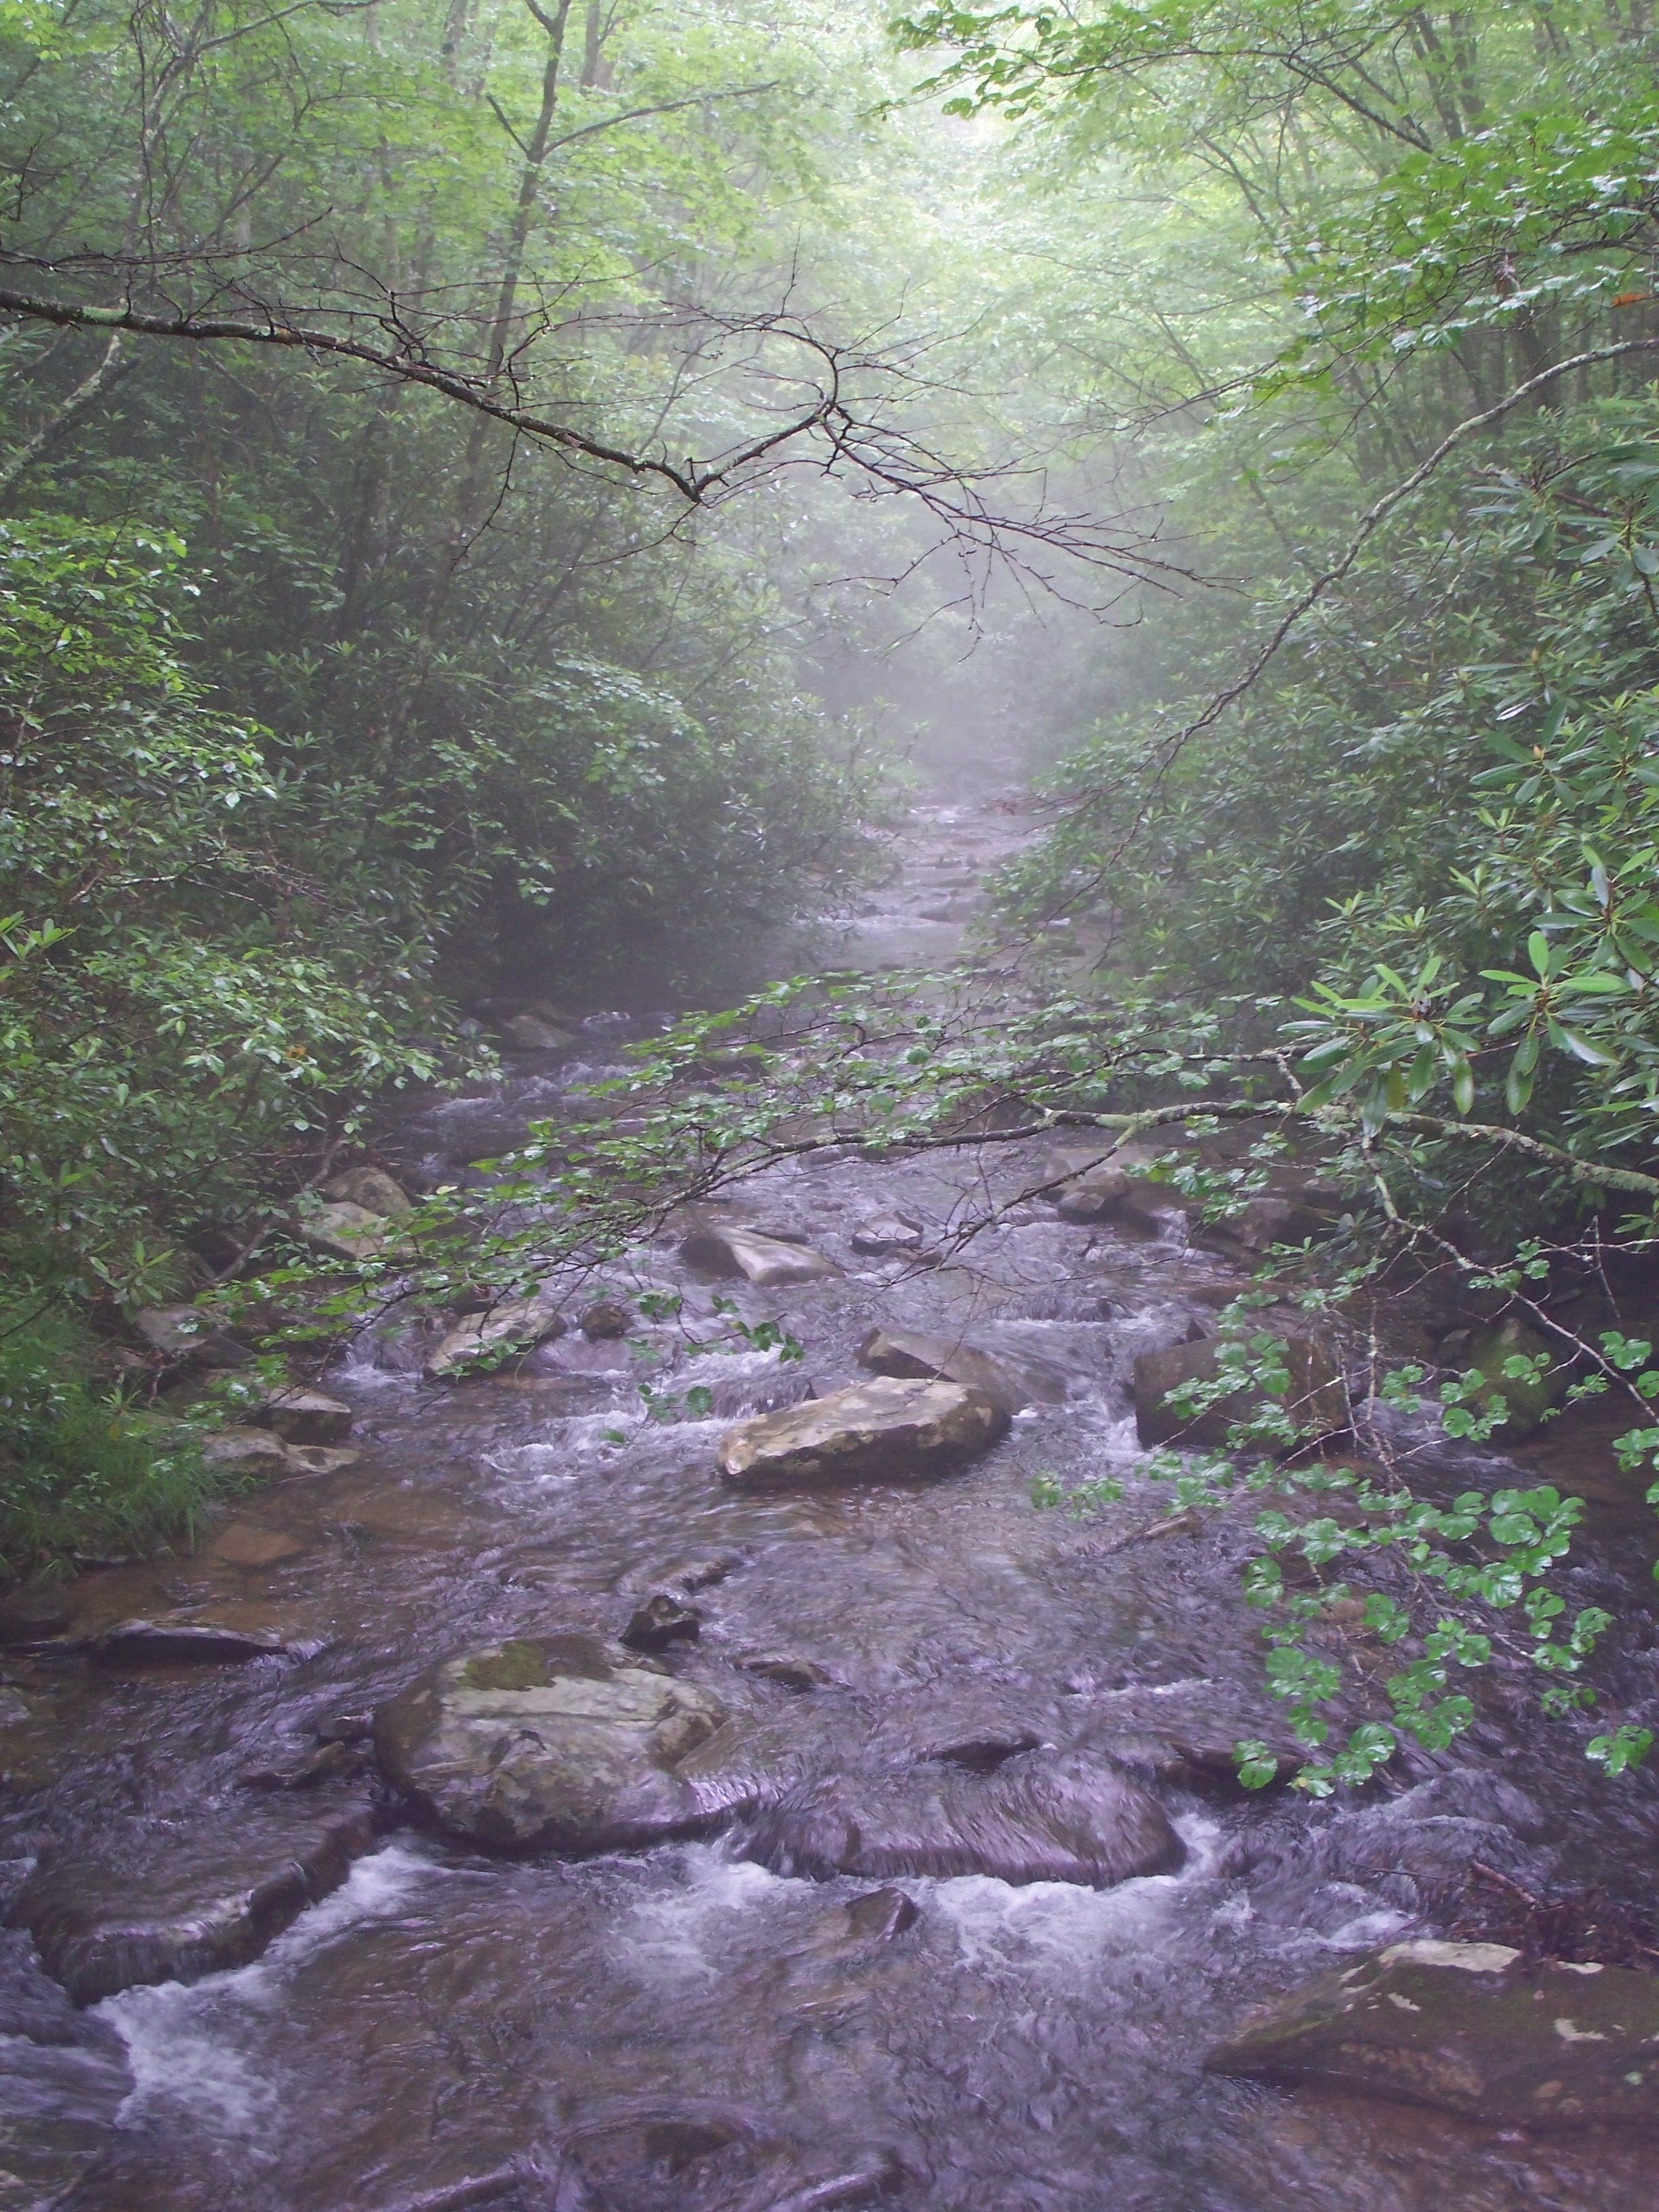 S4 Meadow Ck mist - By Doug Wood